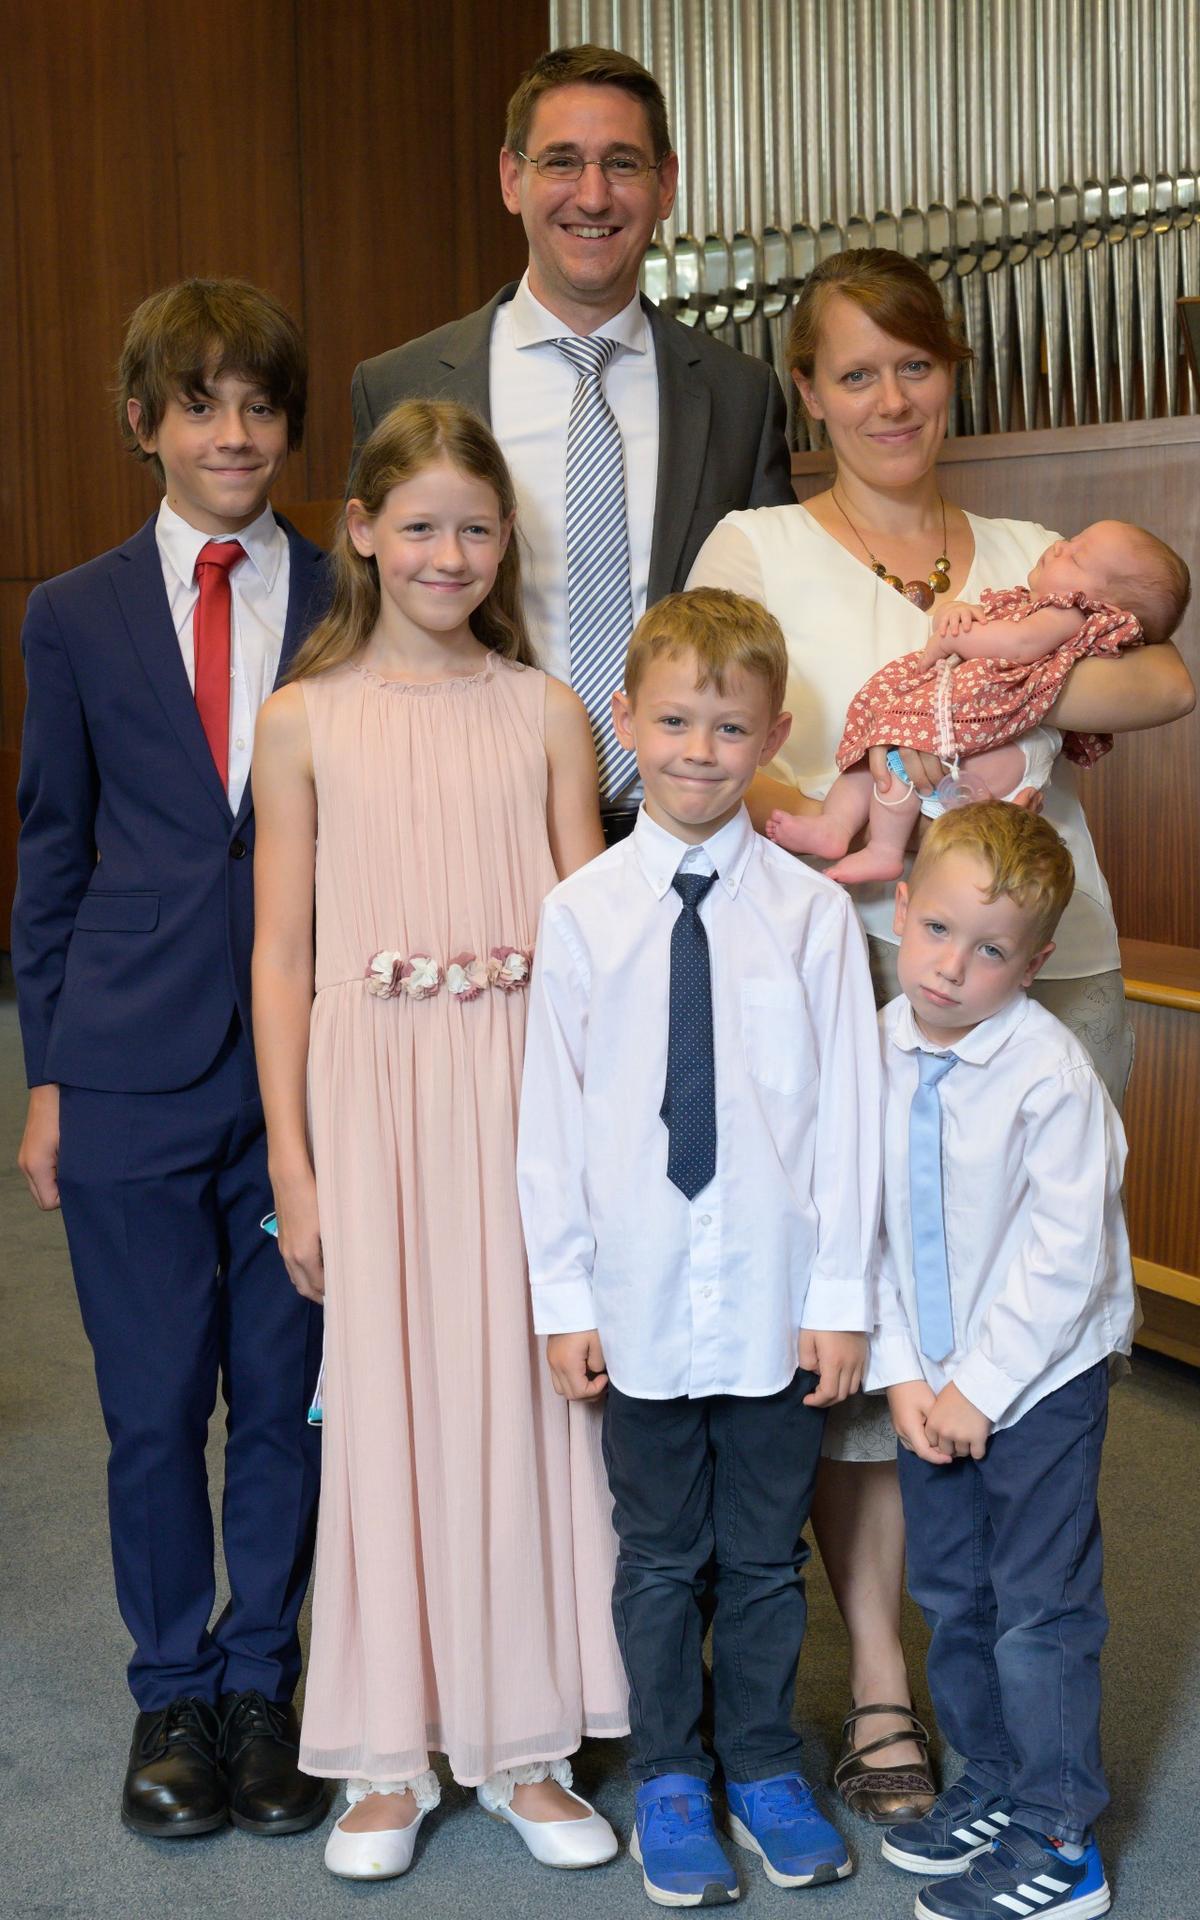 Der neu berufene Pfahlpräsident Simon Soucek mit seiner Frau Tamara und ihren 5 Kindern